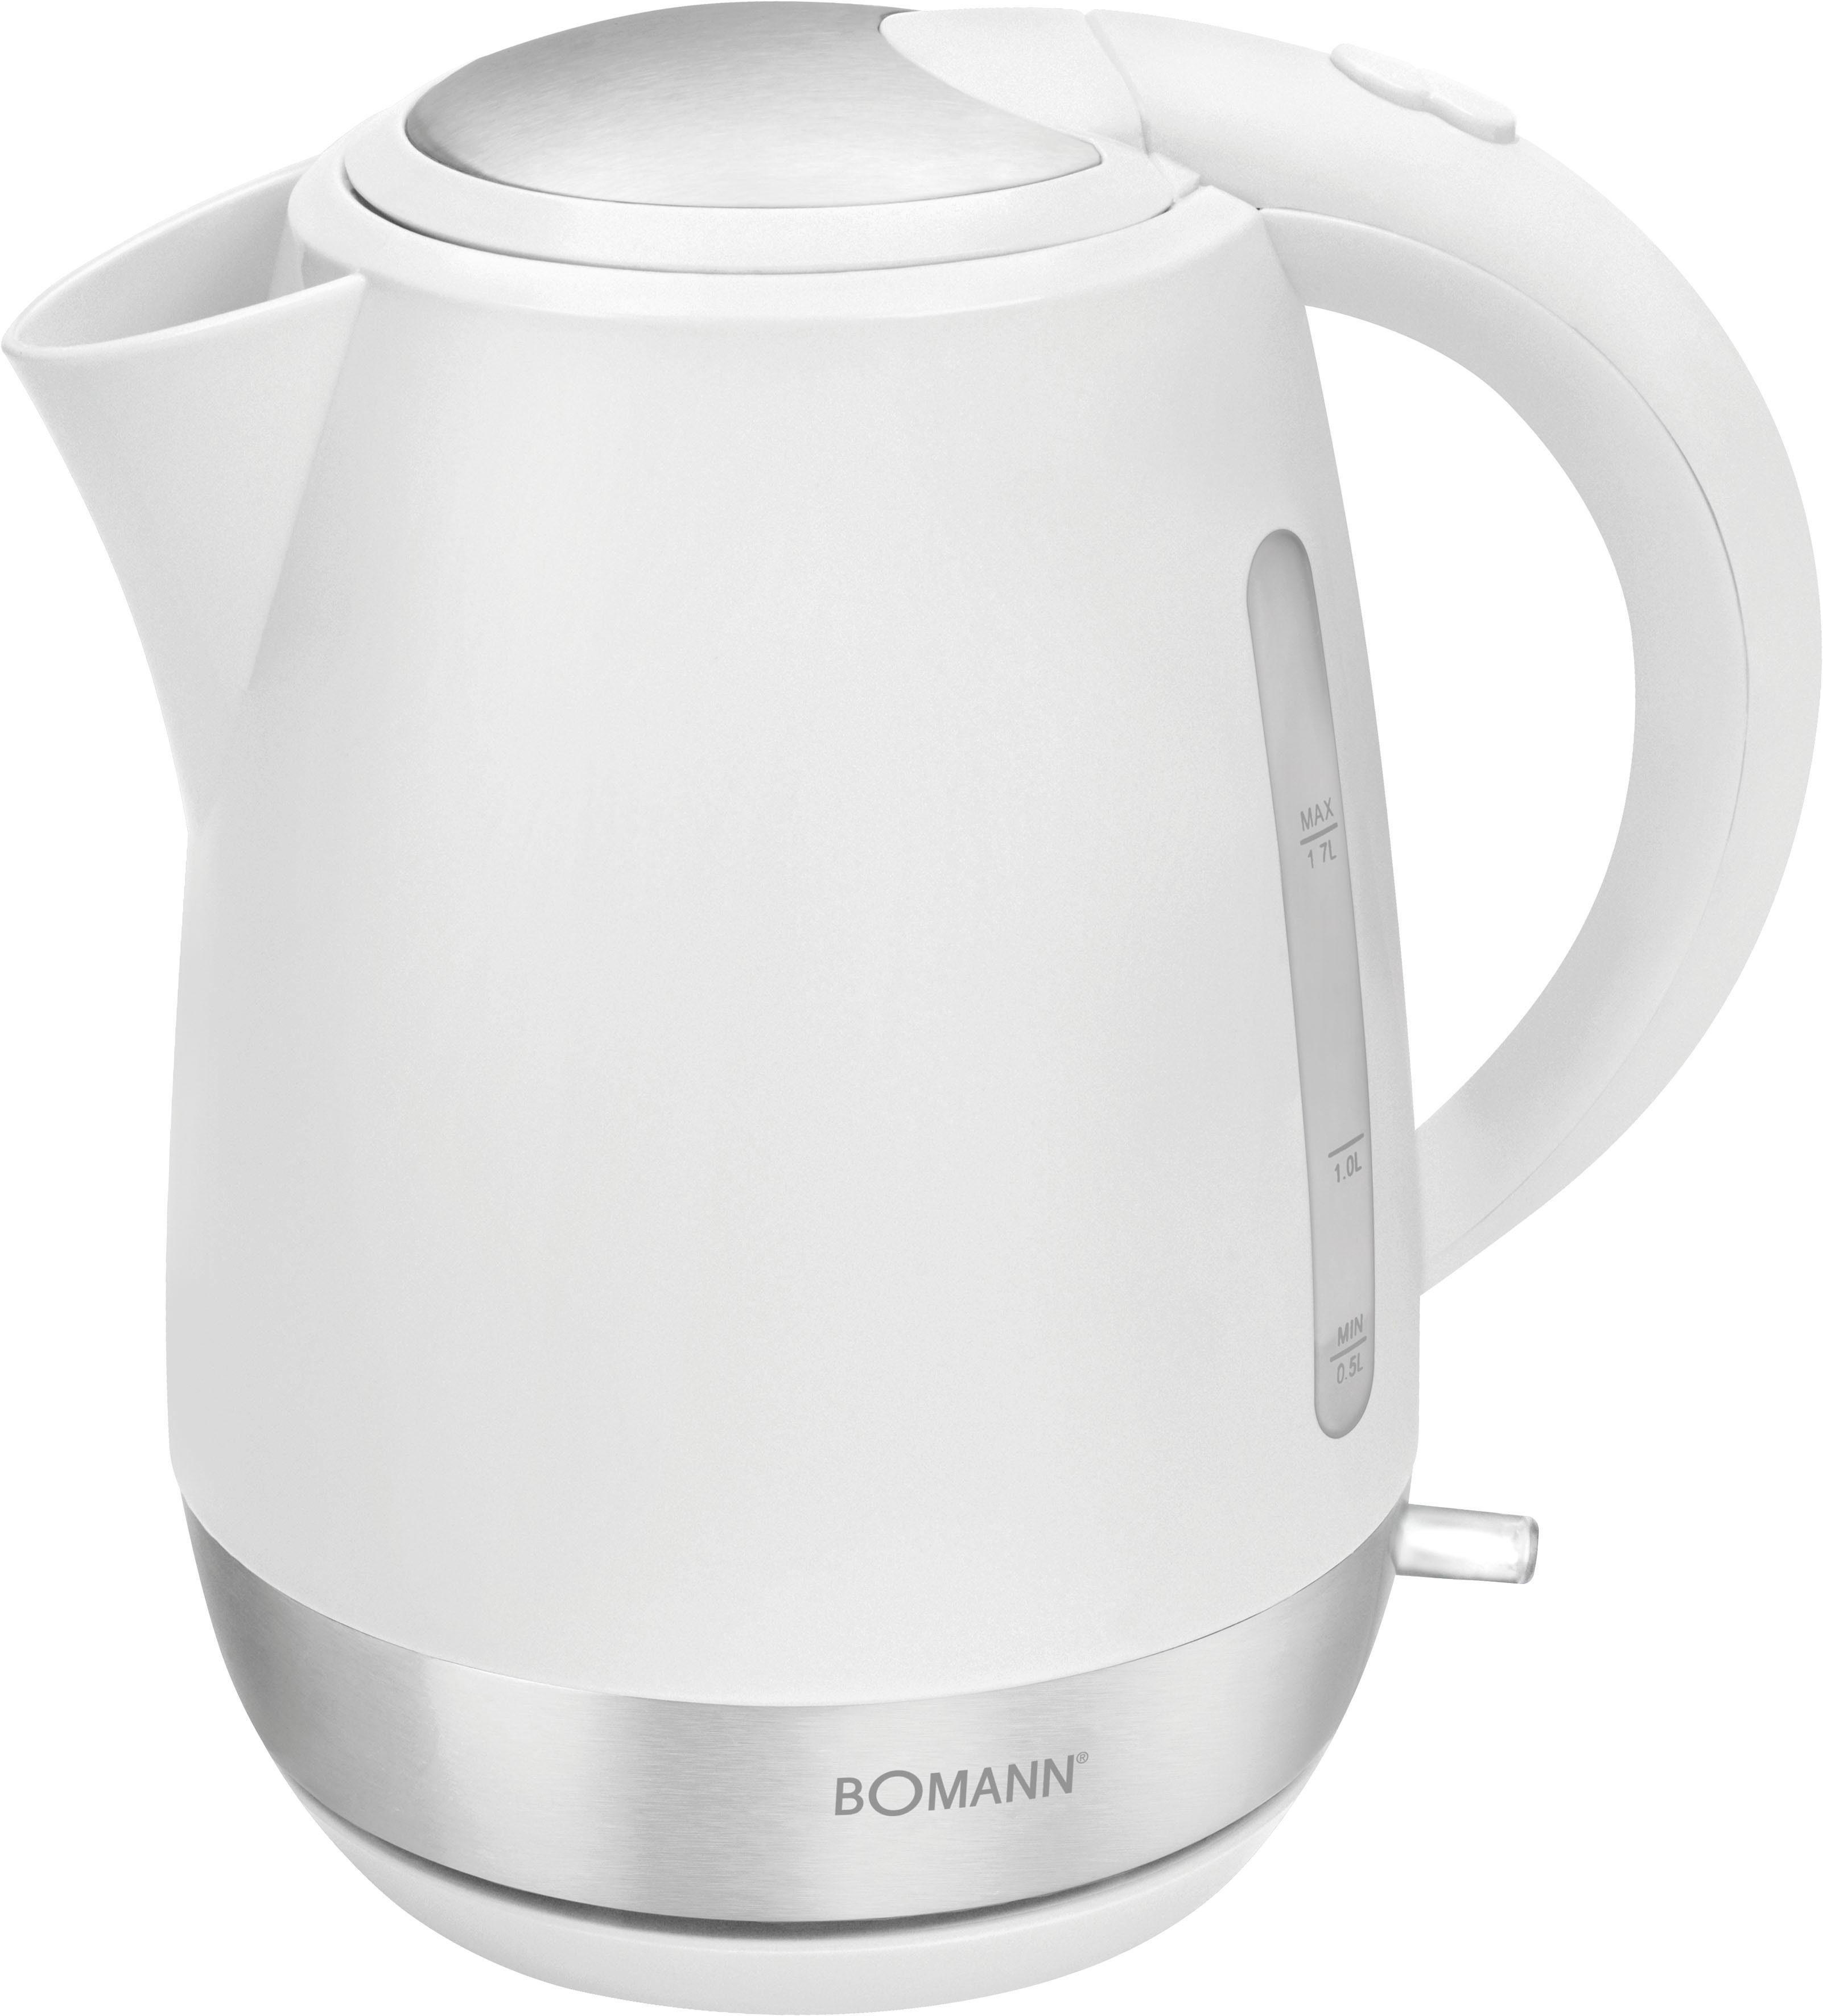 BOMANN Wasserkocher WK 3004 CB, 1,7 l, 2200 W